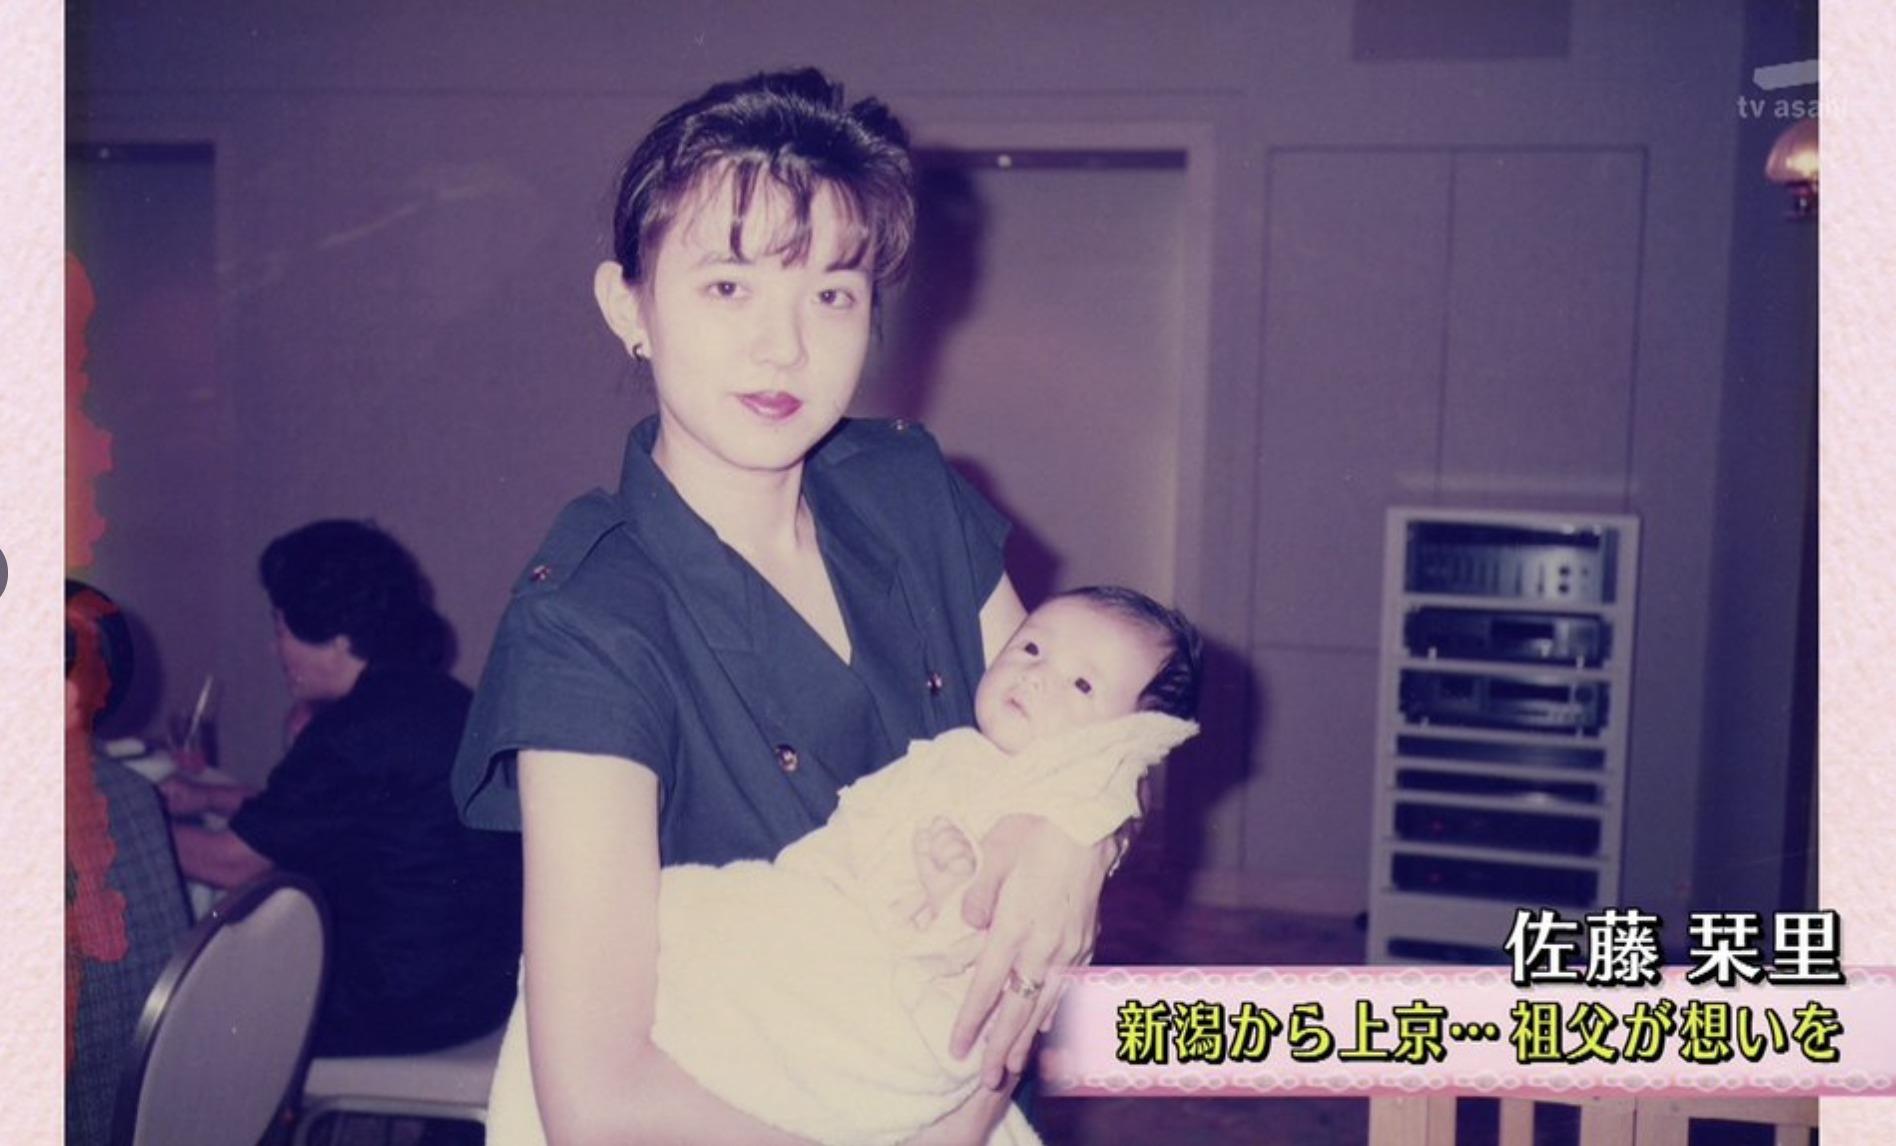 佐藤栞里さんと母親の画像